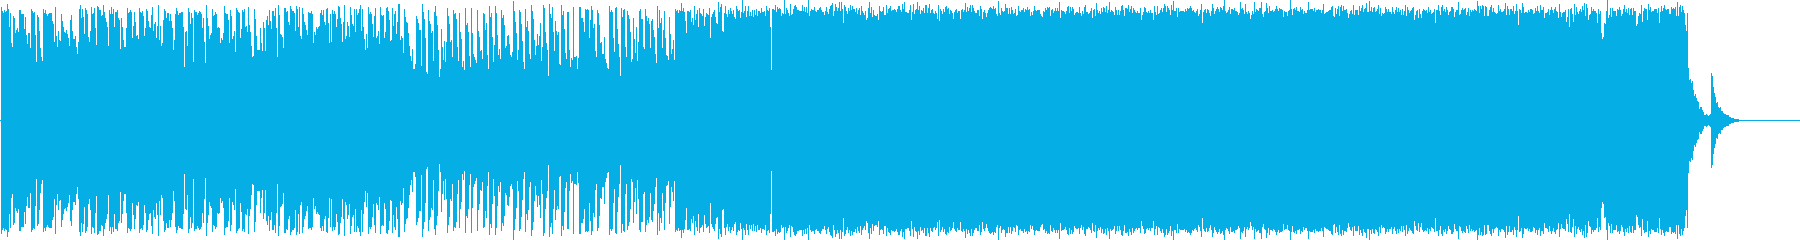 爽やかなエレクトロポップスの再生済みの波形